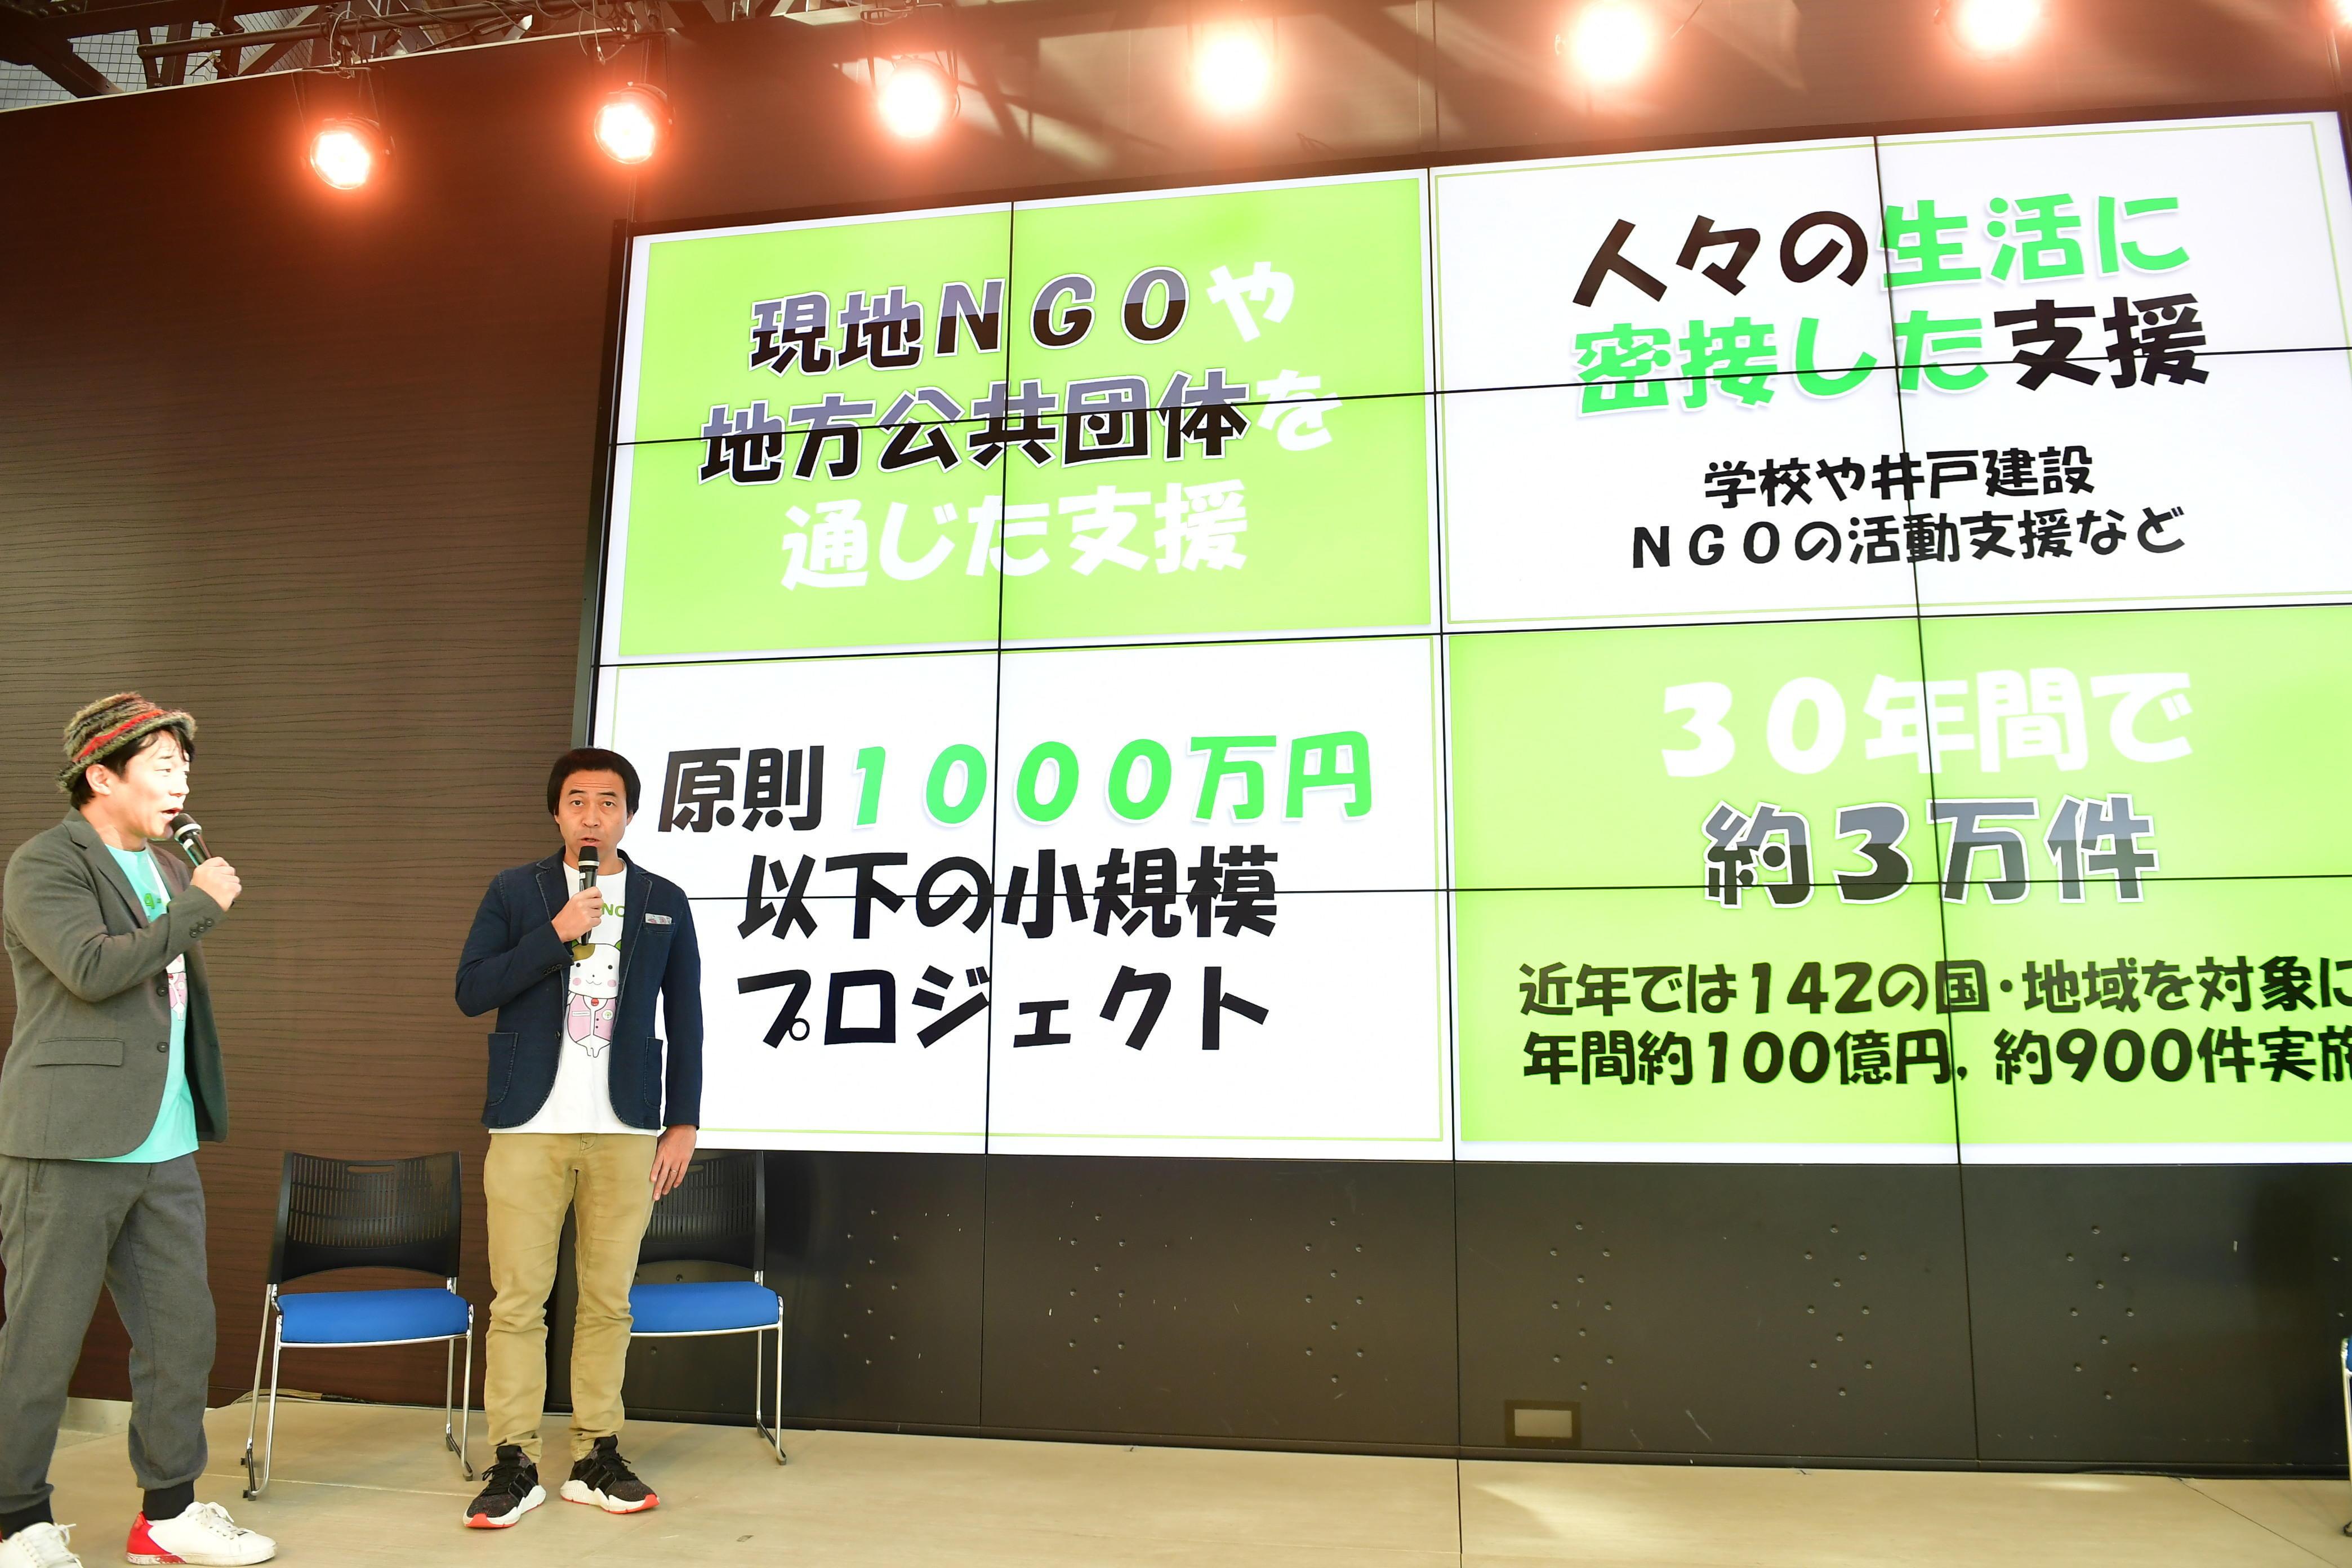 http://news.yoshimoto.co.jp/20190203131220-1a4897d46448876bb16b2c0484eb1bdda90cdd42.jpg